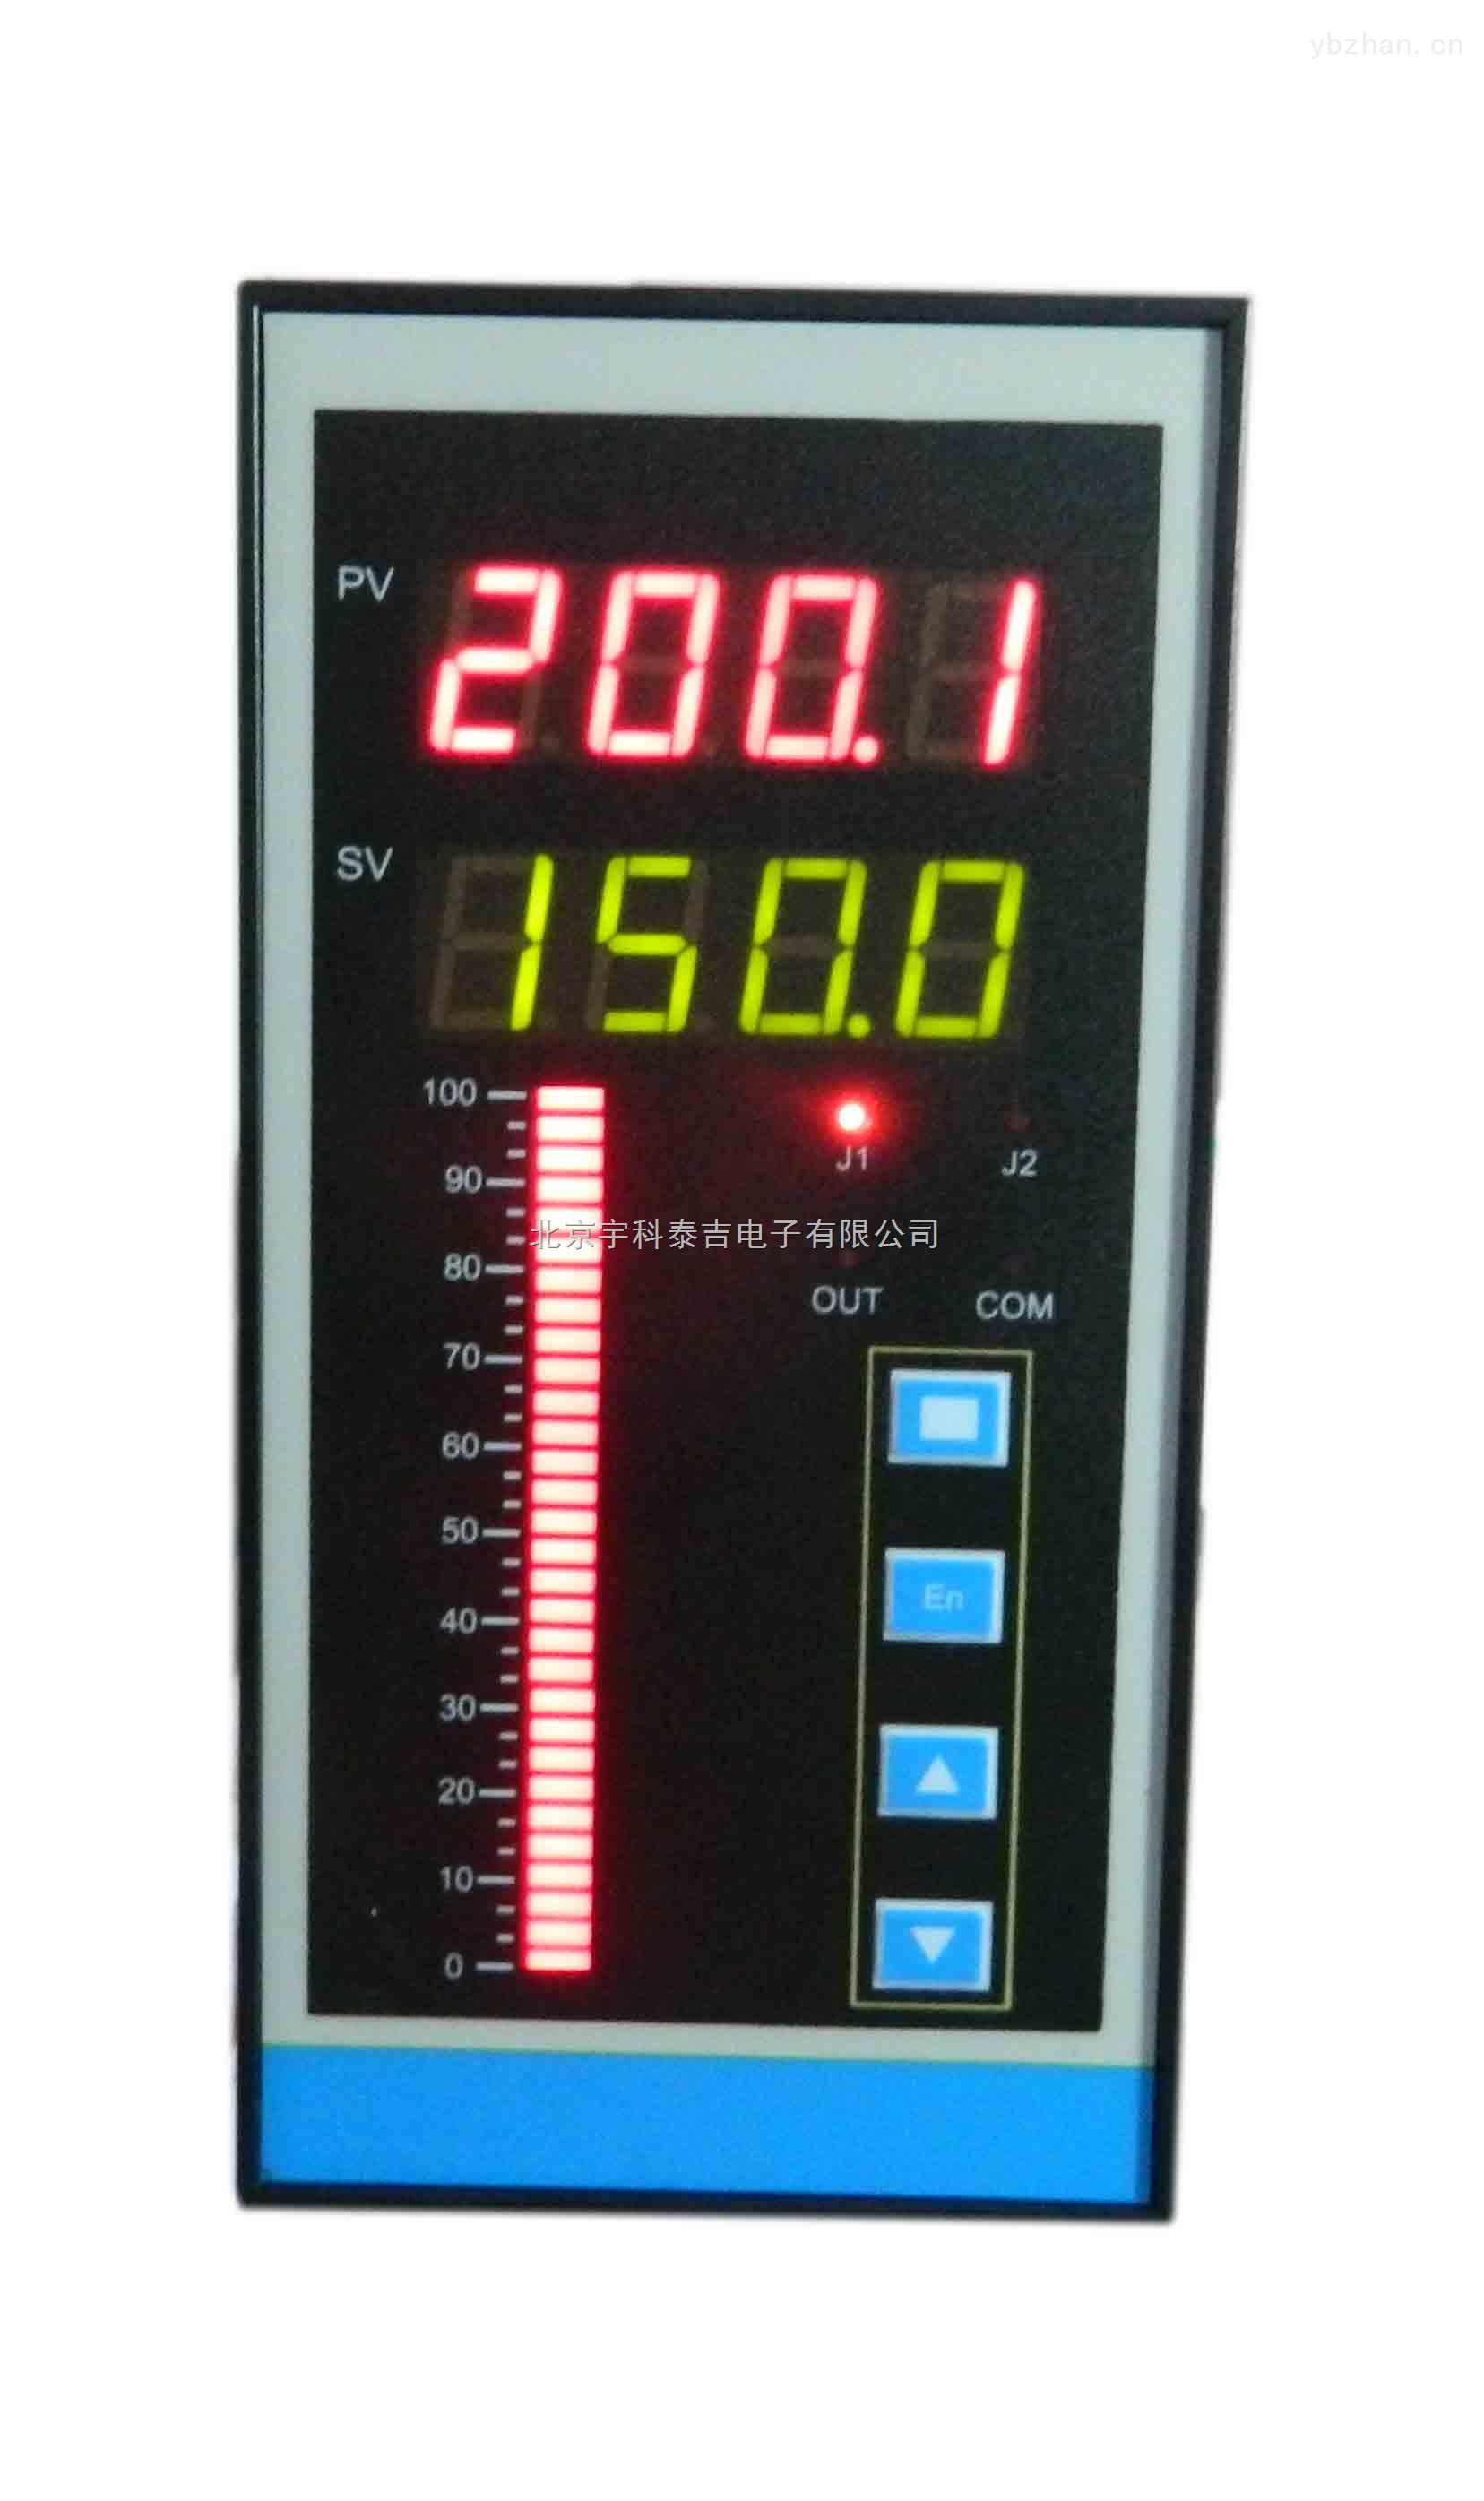 光柱数显阀门开度仪表,北京宇科泰吉电子有限公司